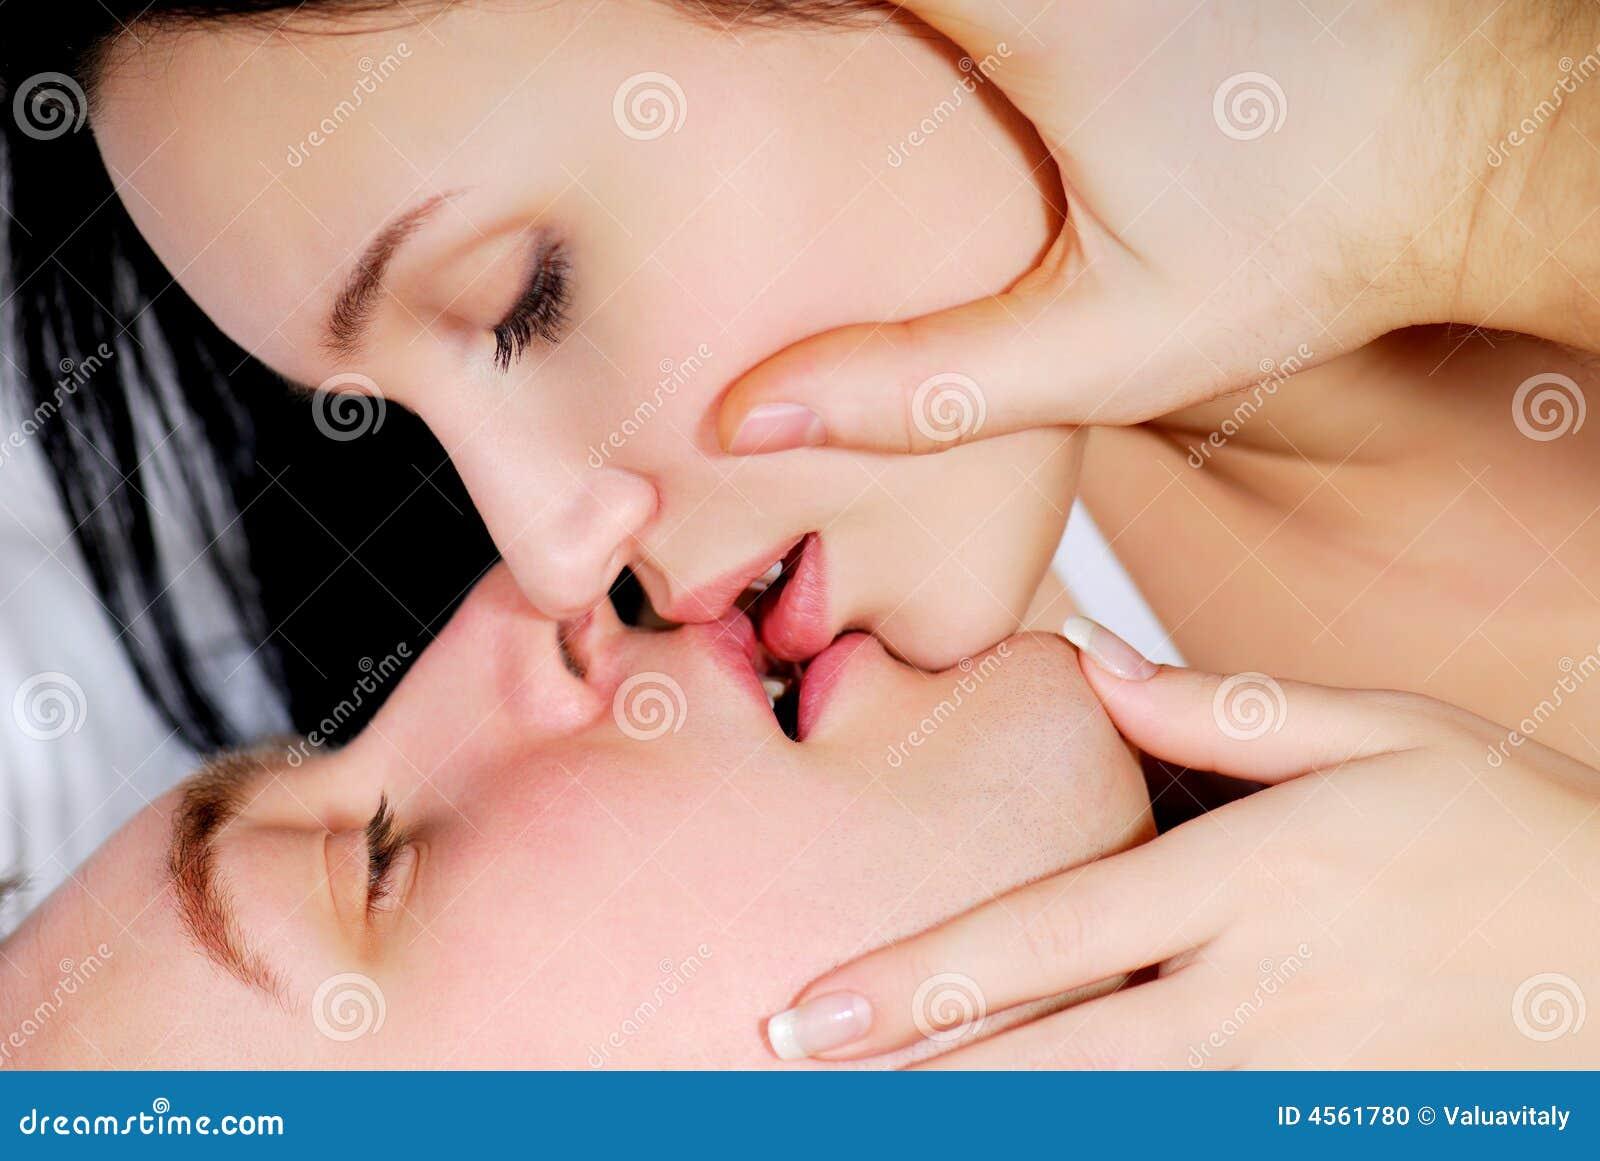 Www sexuality photos